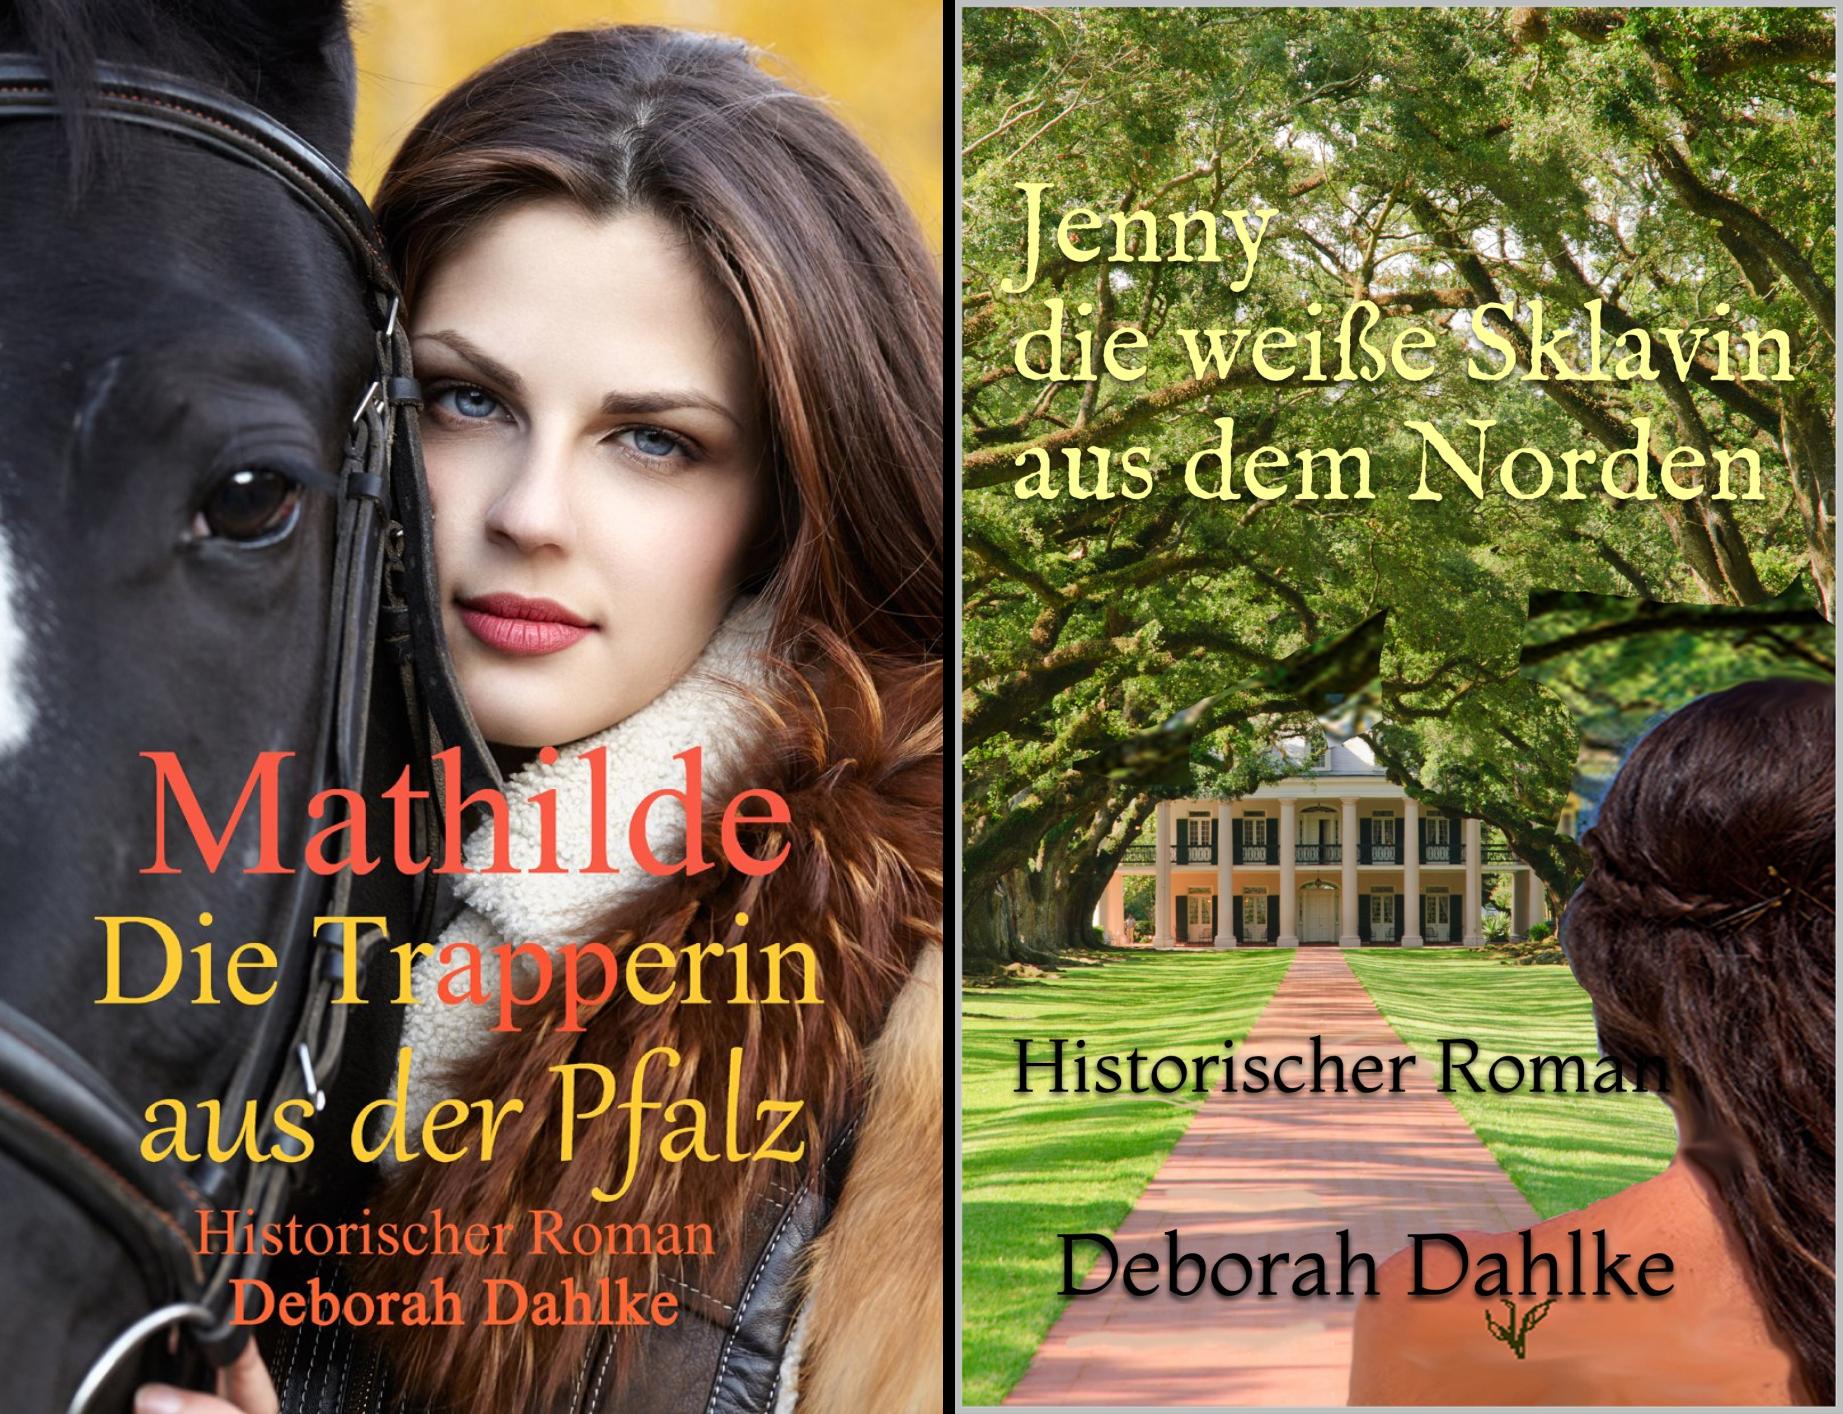 Mathilde die Trapperin aus der Pfalz (Reihe in 2 Bänden)